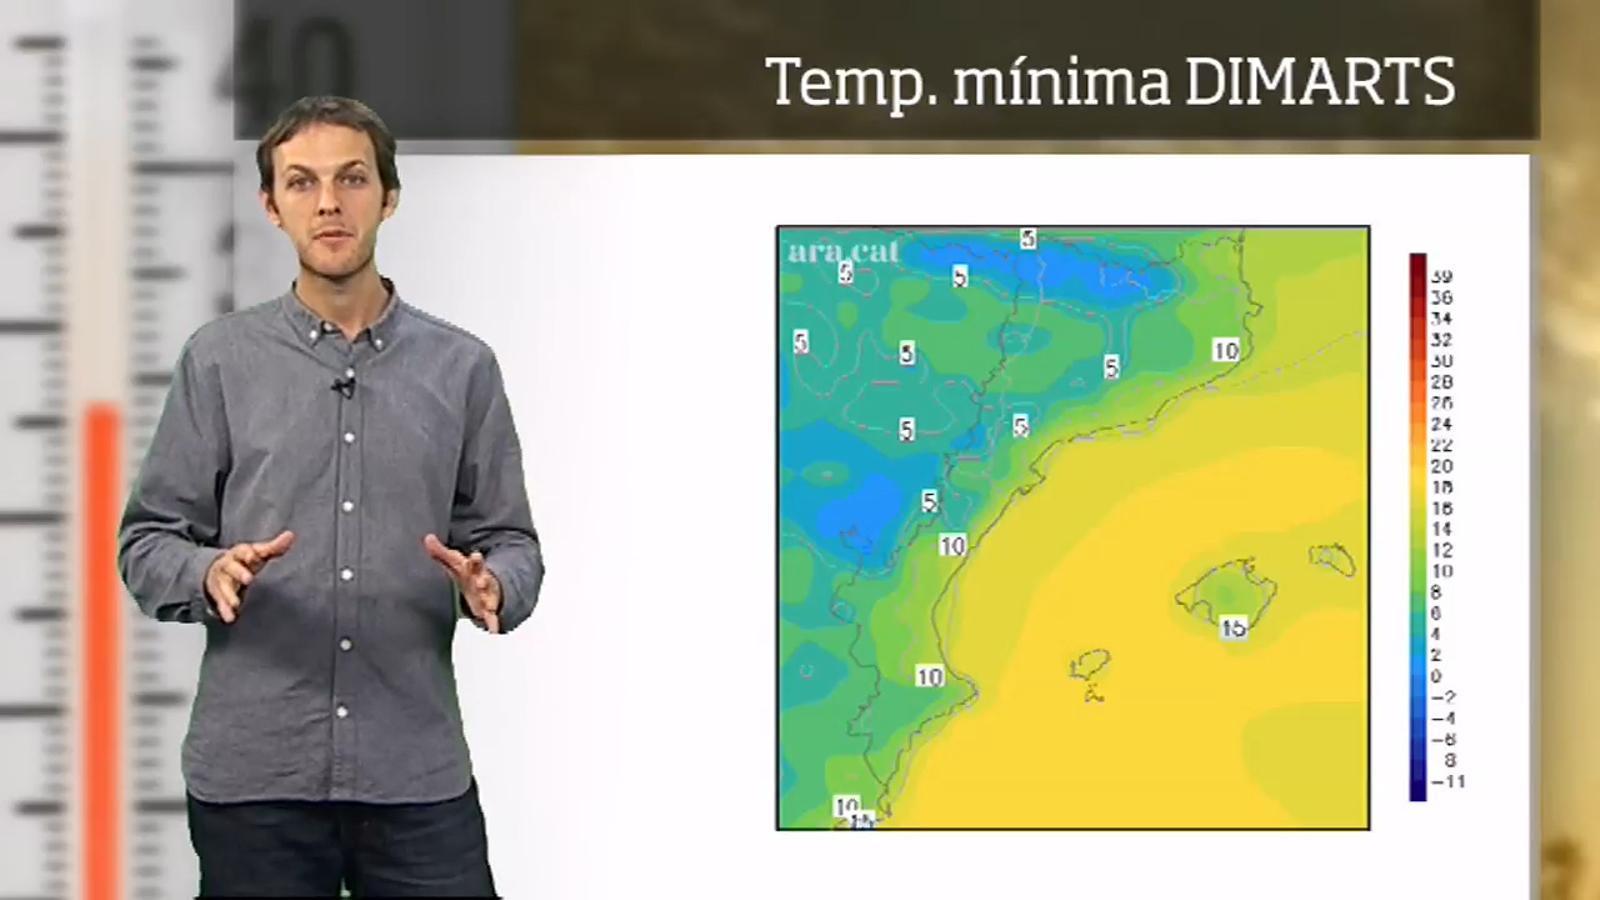 La méteo en 1 minut: marcat contrast tèrmic entre el dia i la nit